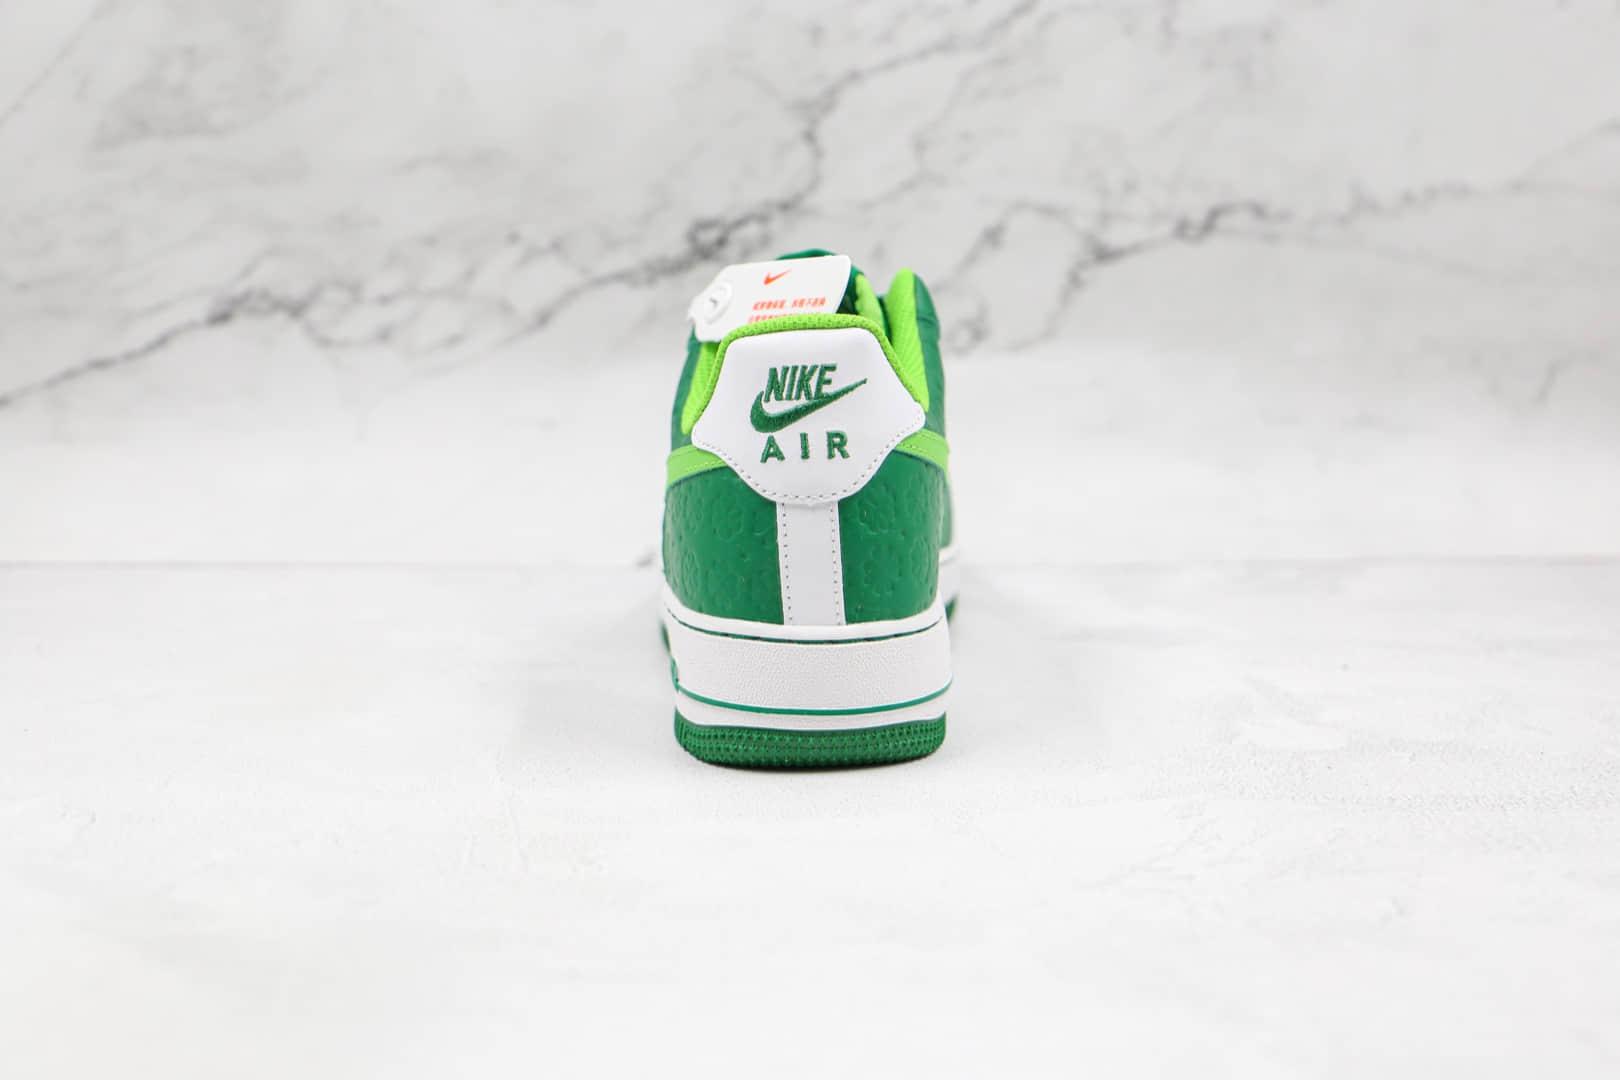 耐克Nike Air Force 1 St. Patrick's Day纯原版本低帮空军一号圣帕特里克节四叶草美洲限定白绿板鞋内置气垫 货号:DD8458-300